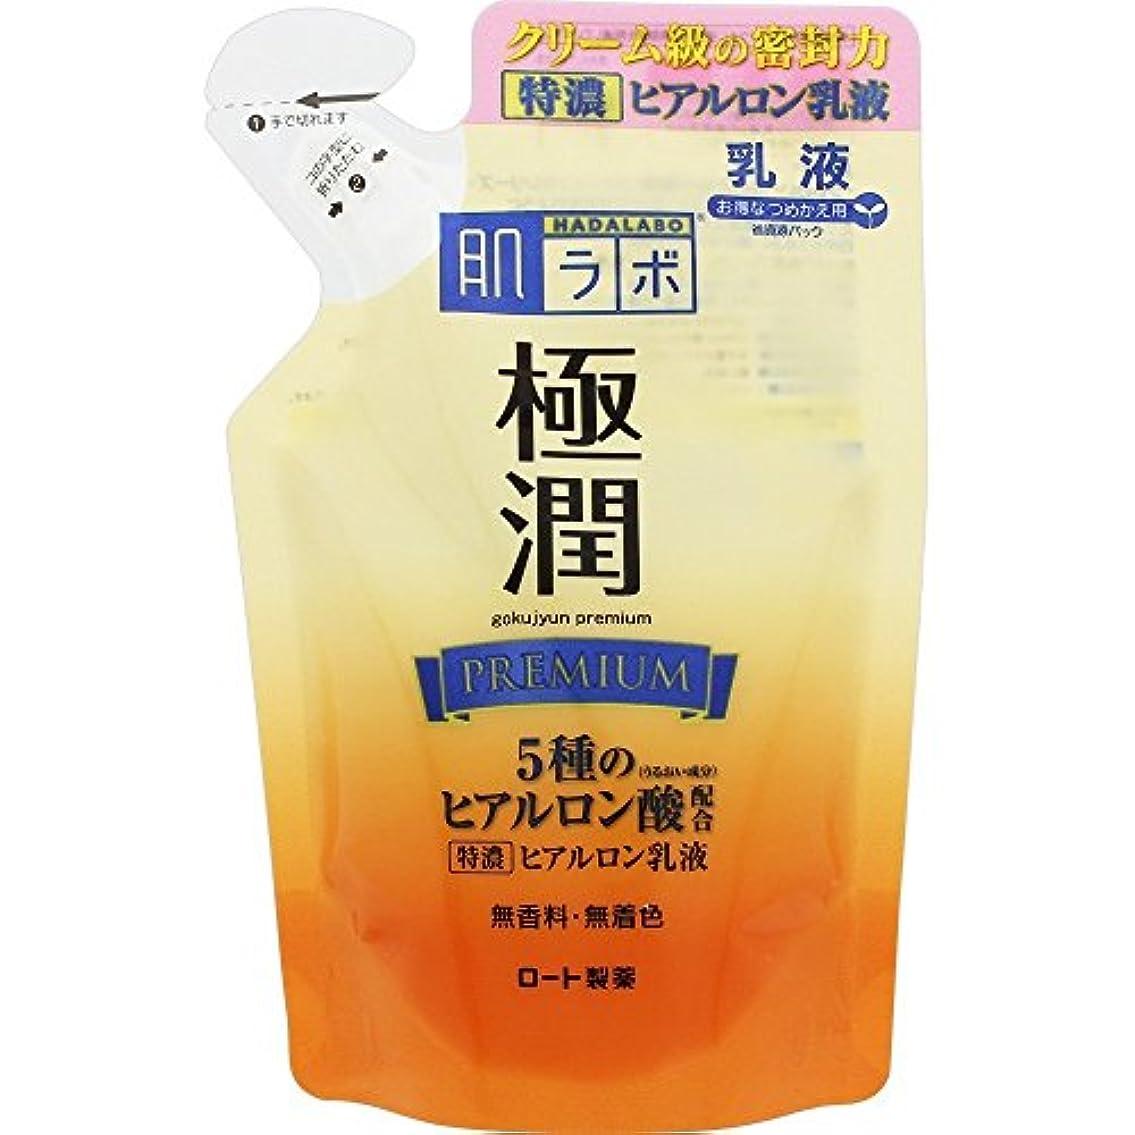 でも樫の木前置詞肌ラボ 極潤プレミアム ヒアルロン乳液 <つめかえ用> 140mL